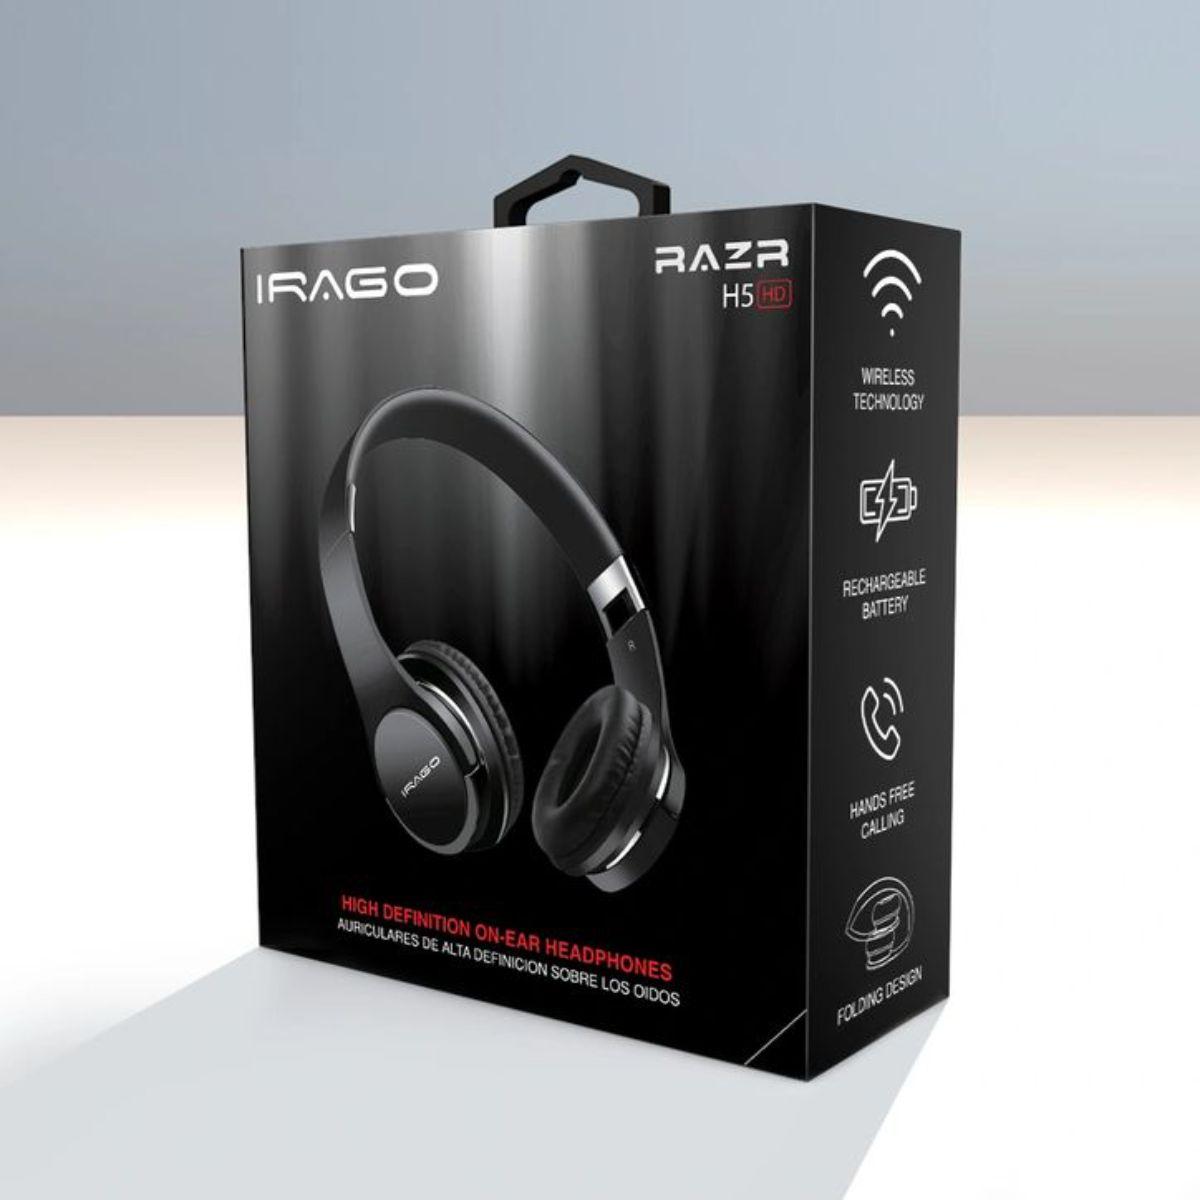 audifonos inalambricos de alta definicion plegable sonido estereo irago razr 3 1